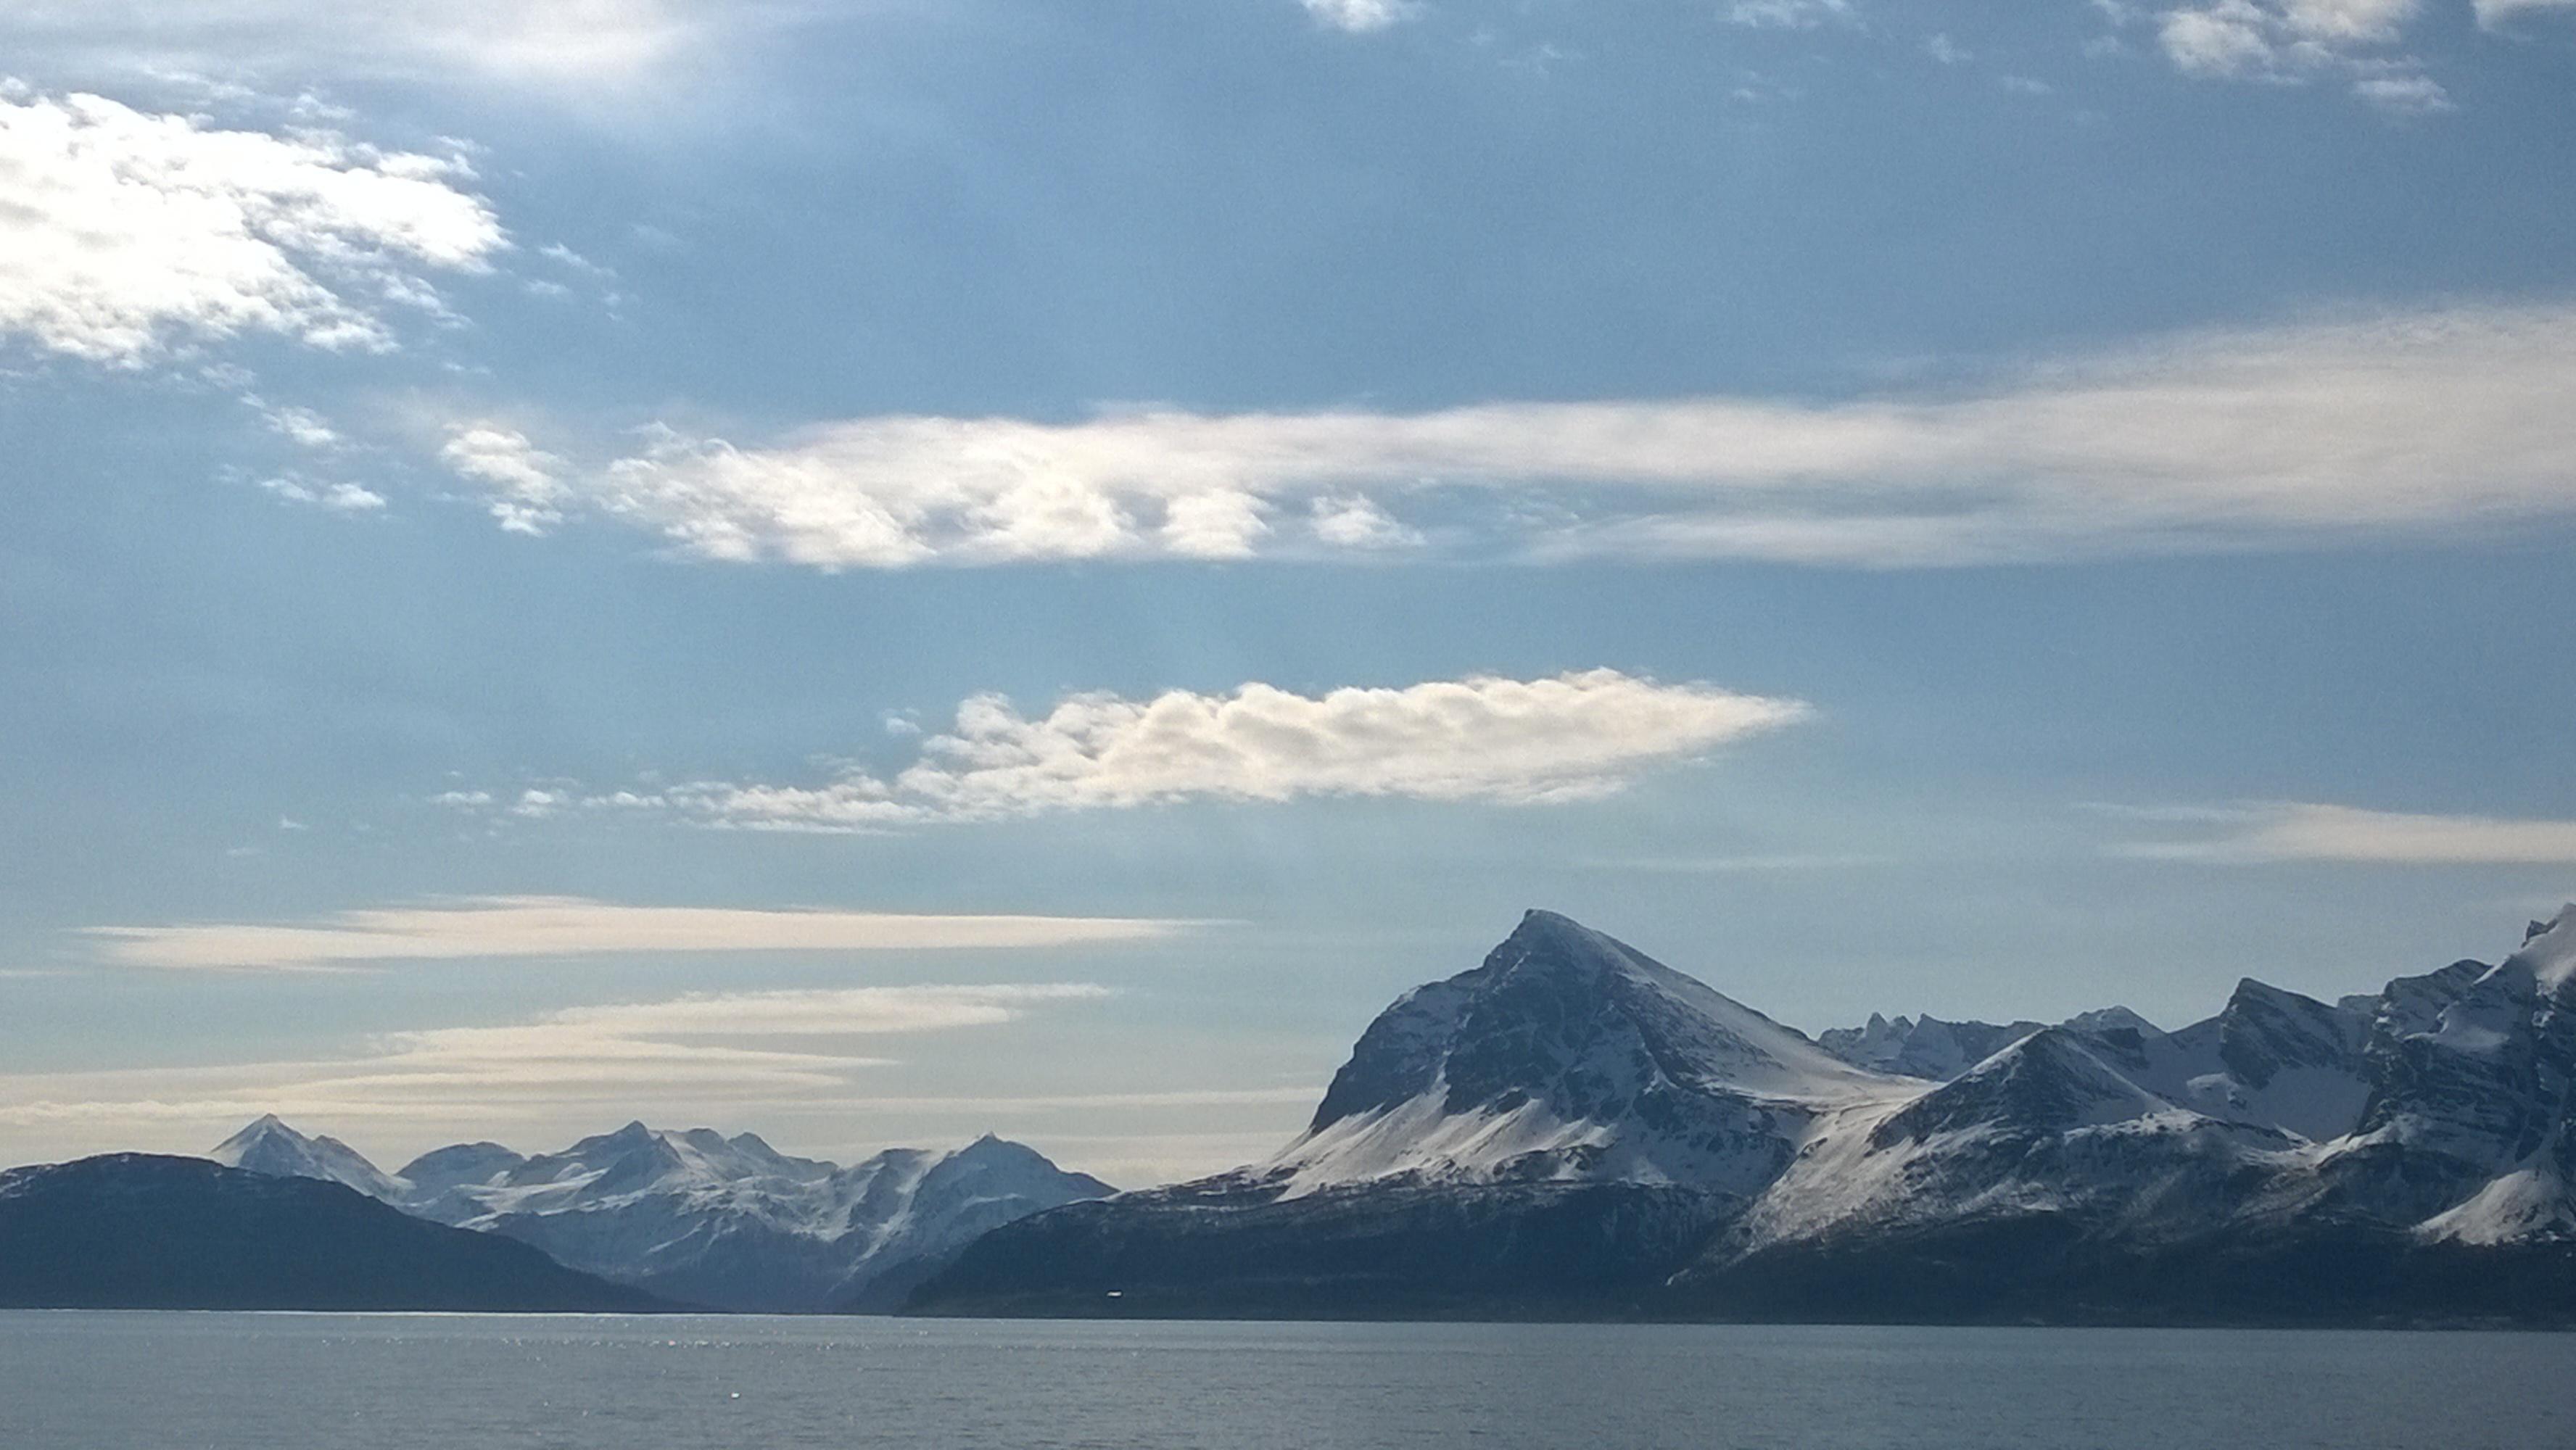 zeilen naar Noorwegen zeilvakantie zeilreis meezeilen Norway sailing hike singlereis wandelen